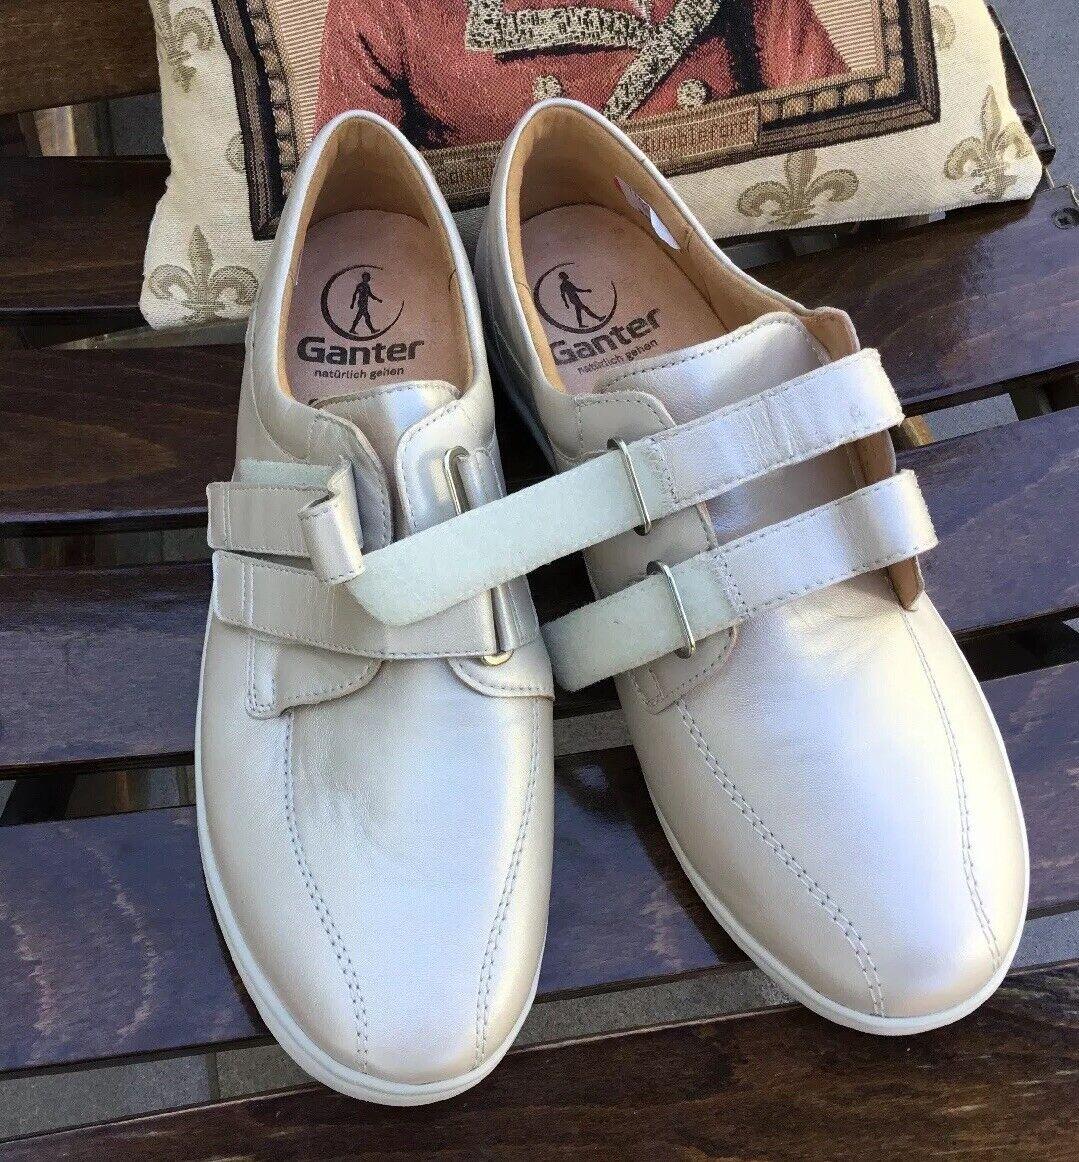 UNGETRAGEN  Ganter 7 1 2 H (41,5) Damen Schuhe NP 167